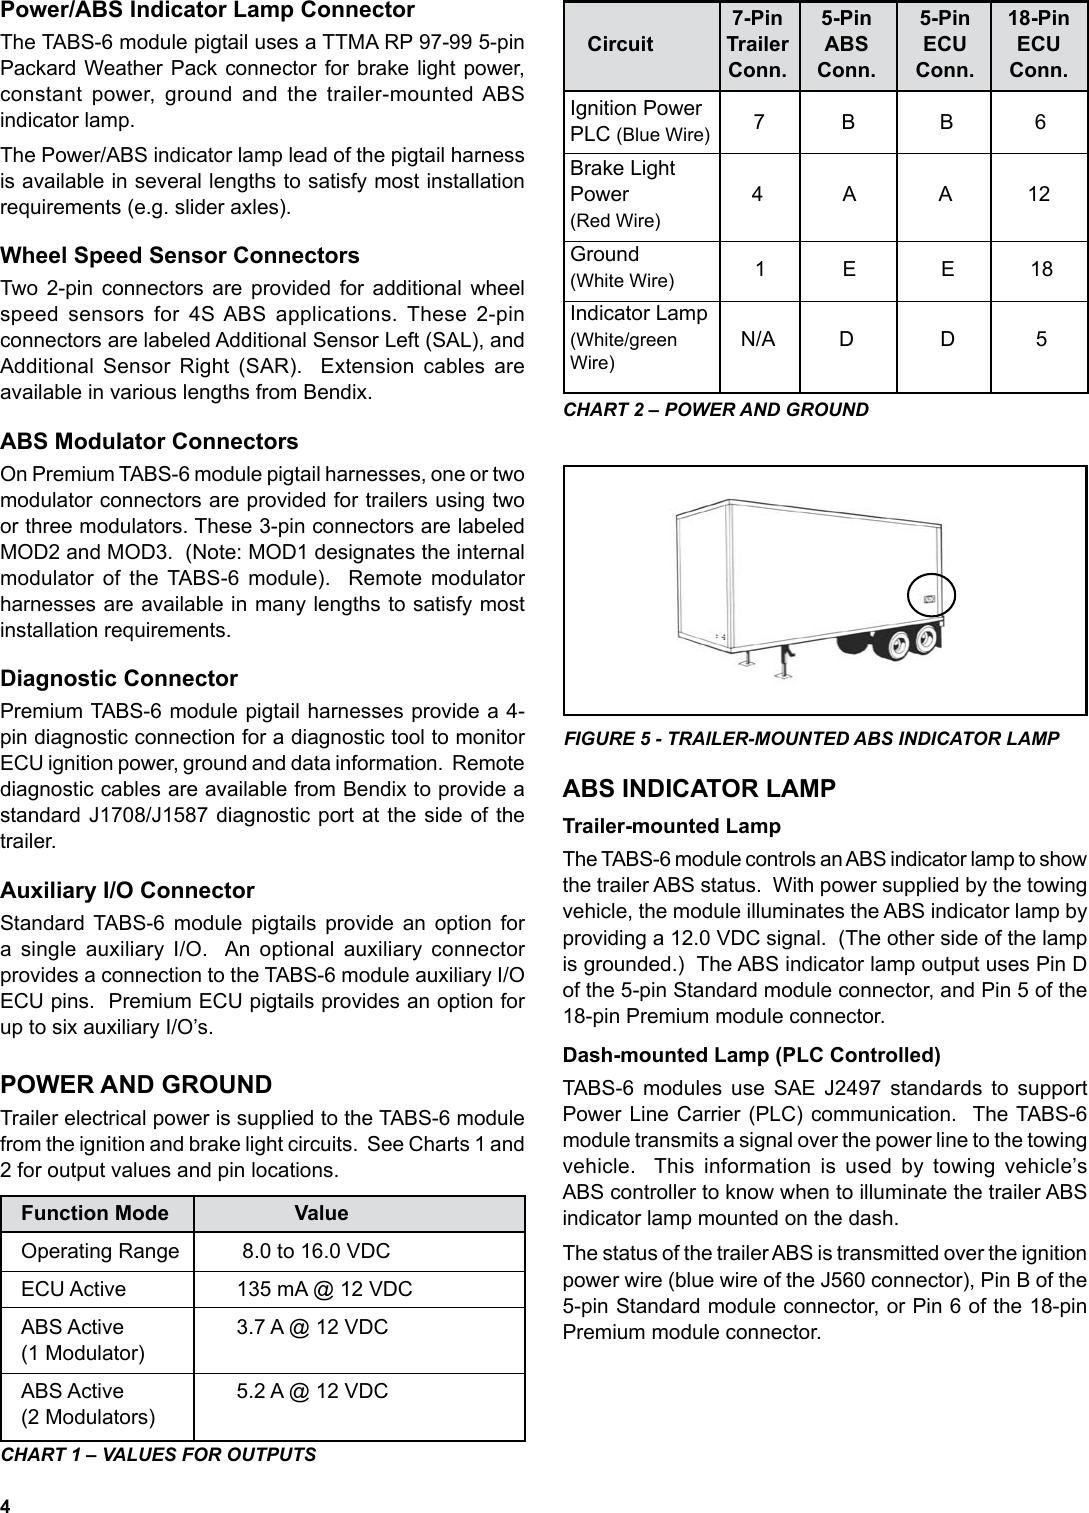 J1587 Wiring Diagram | Wiring Diagram